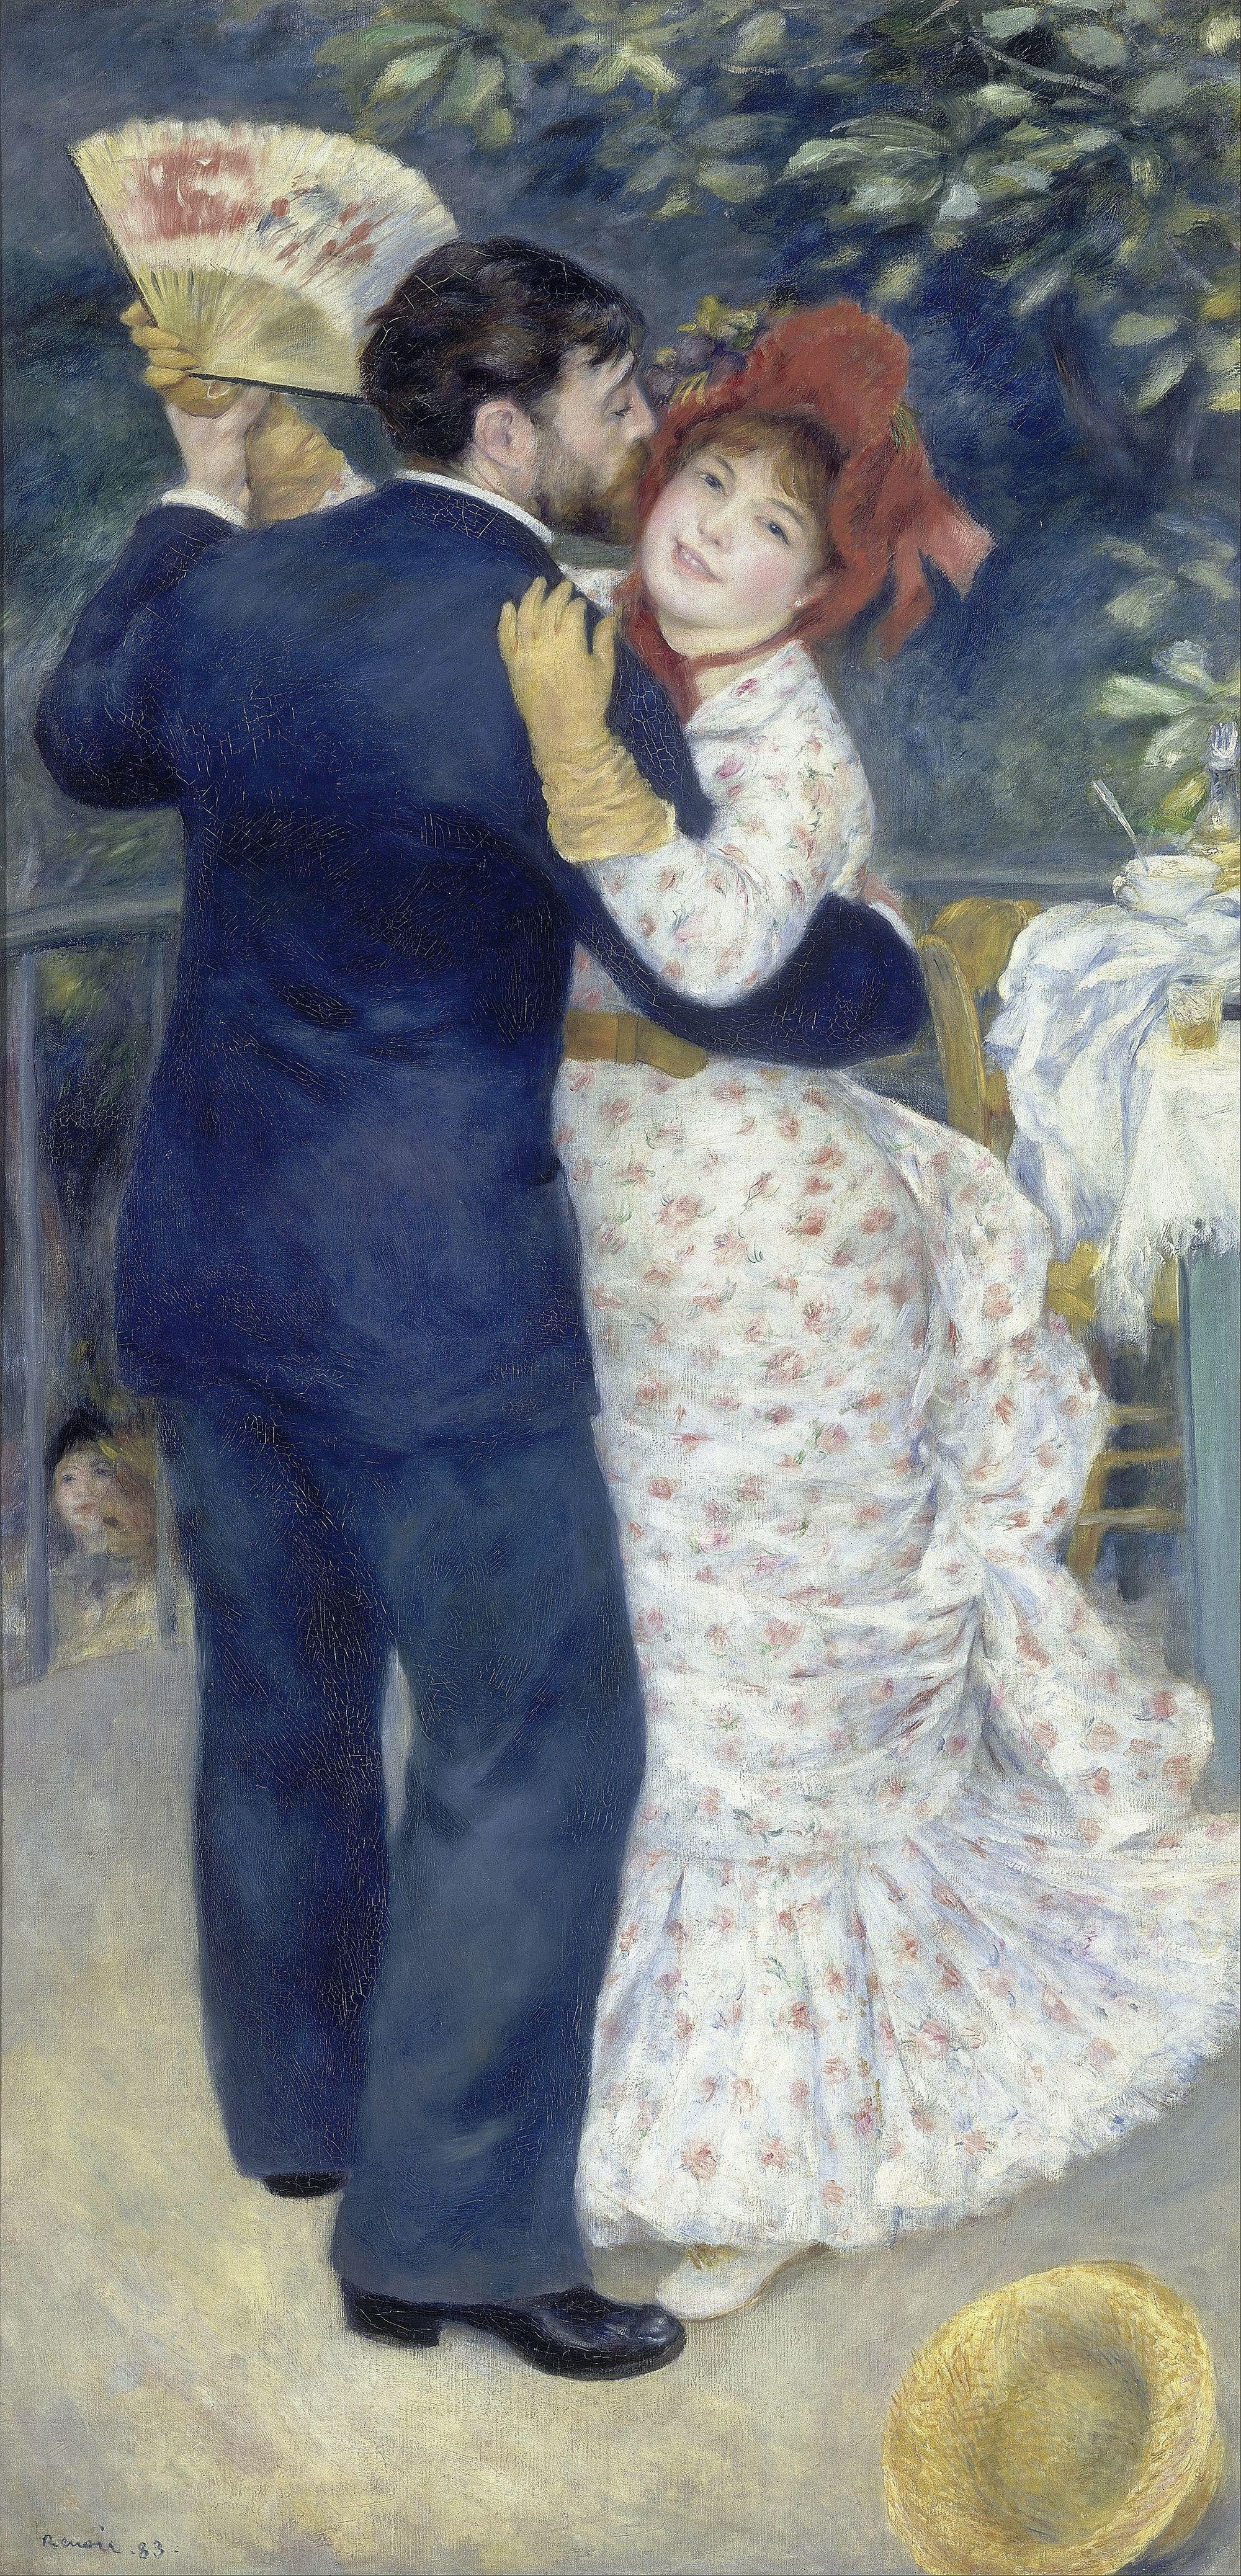 Auguste Renoir, Danse à la campagne